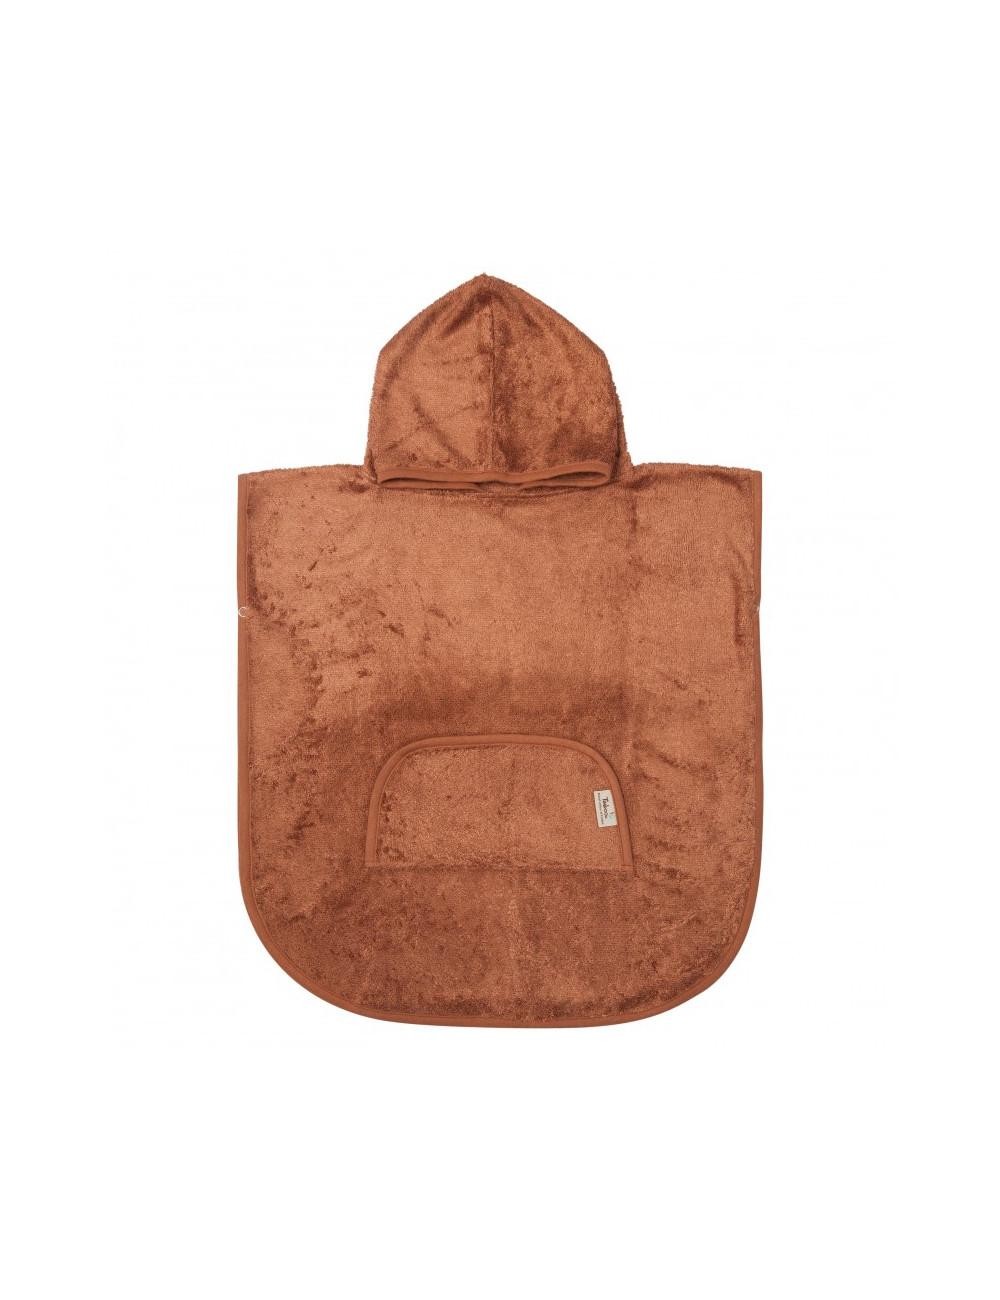 Poncho | hazel brown